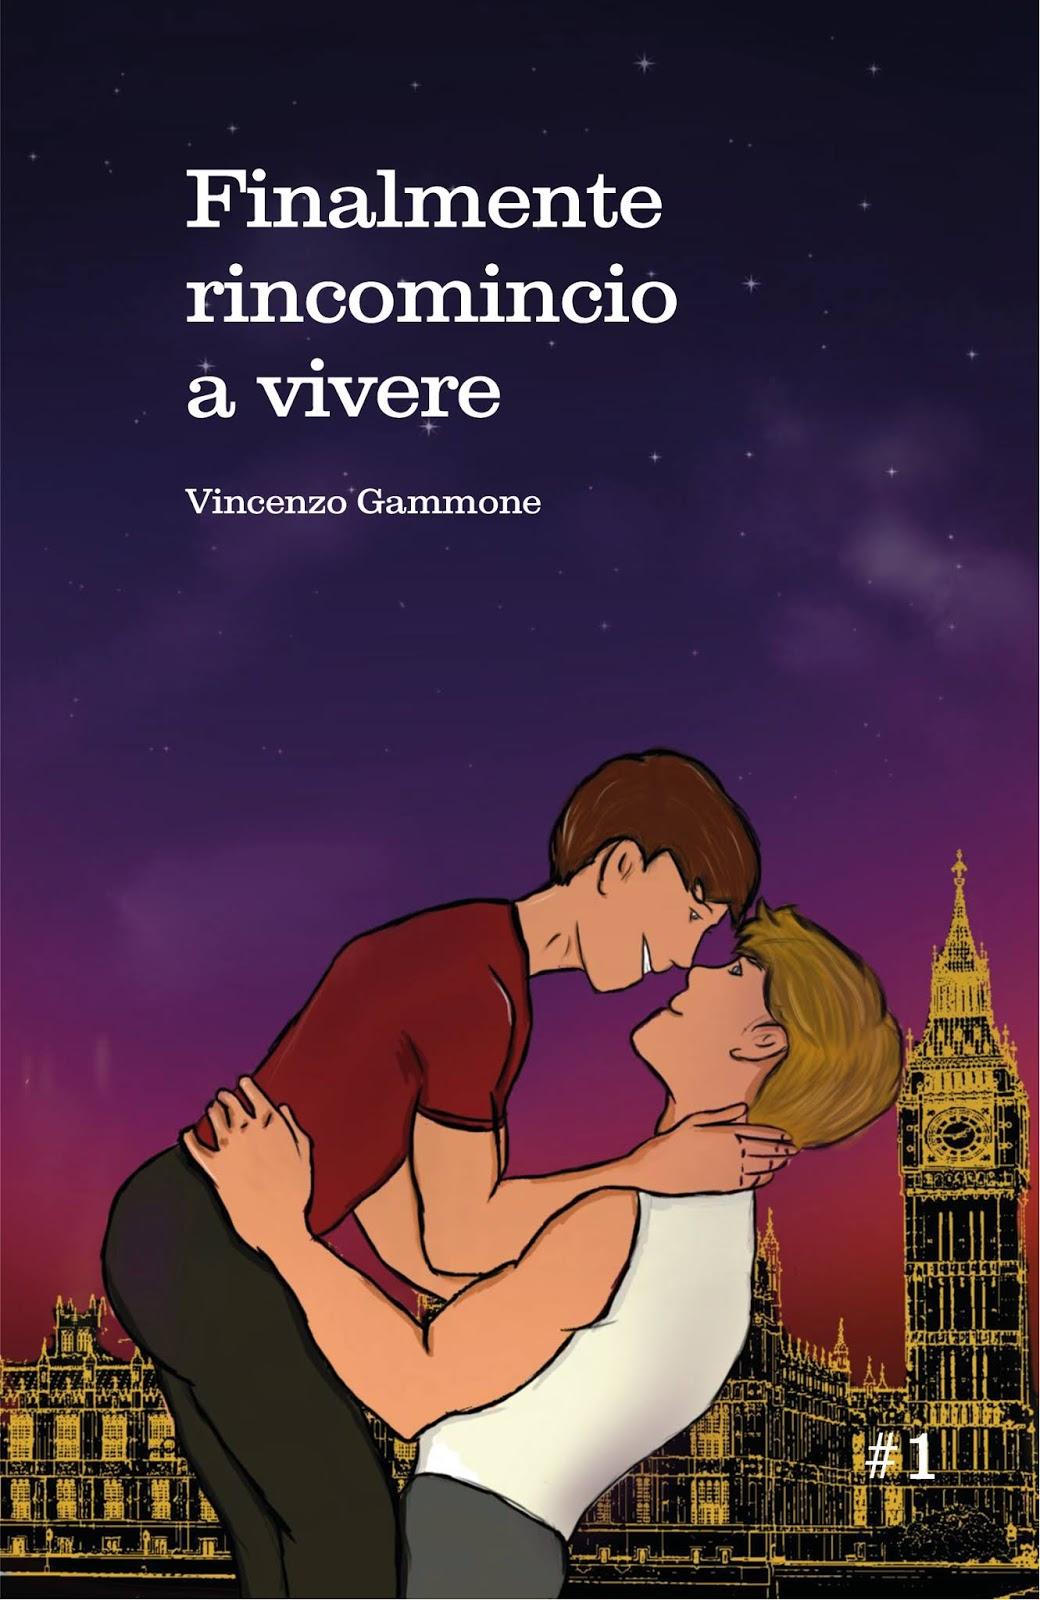 """Vincenzo Rinaldi Nova Milanese finalmente ricomincio a vivere"""", di vincenzo gammone"""